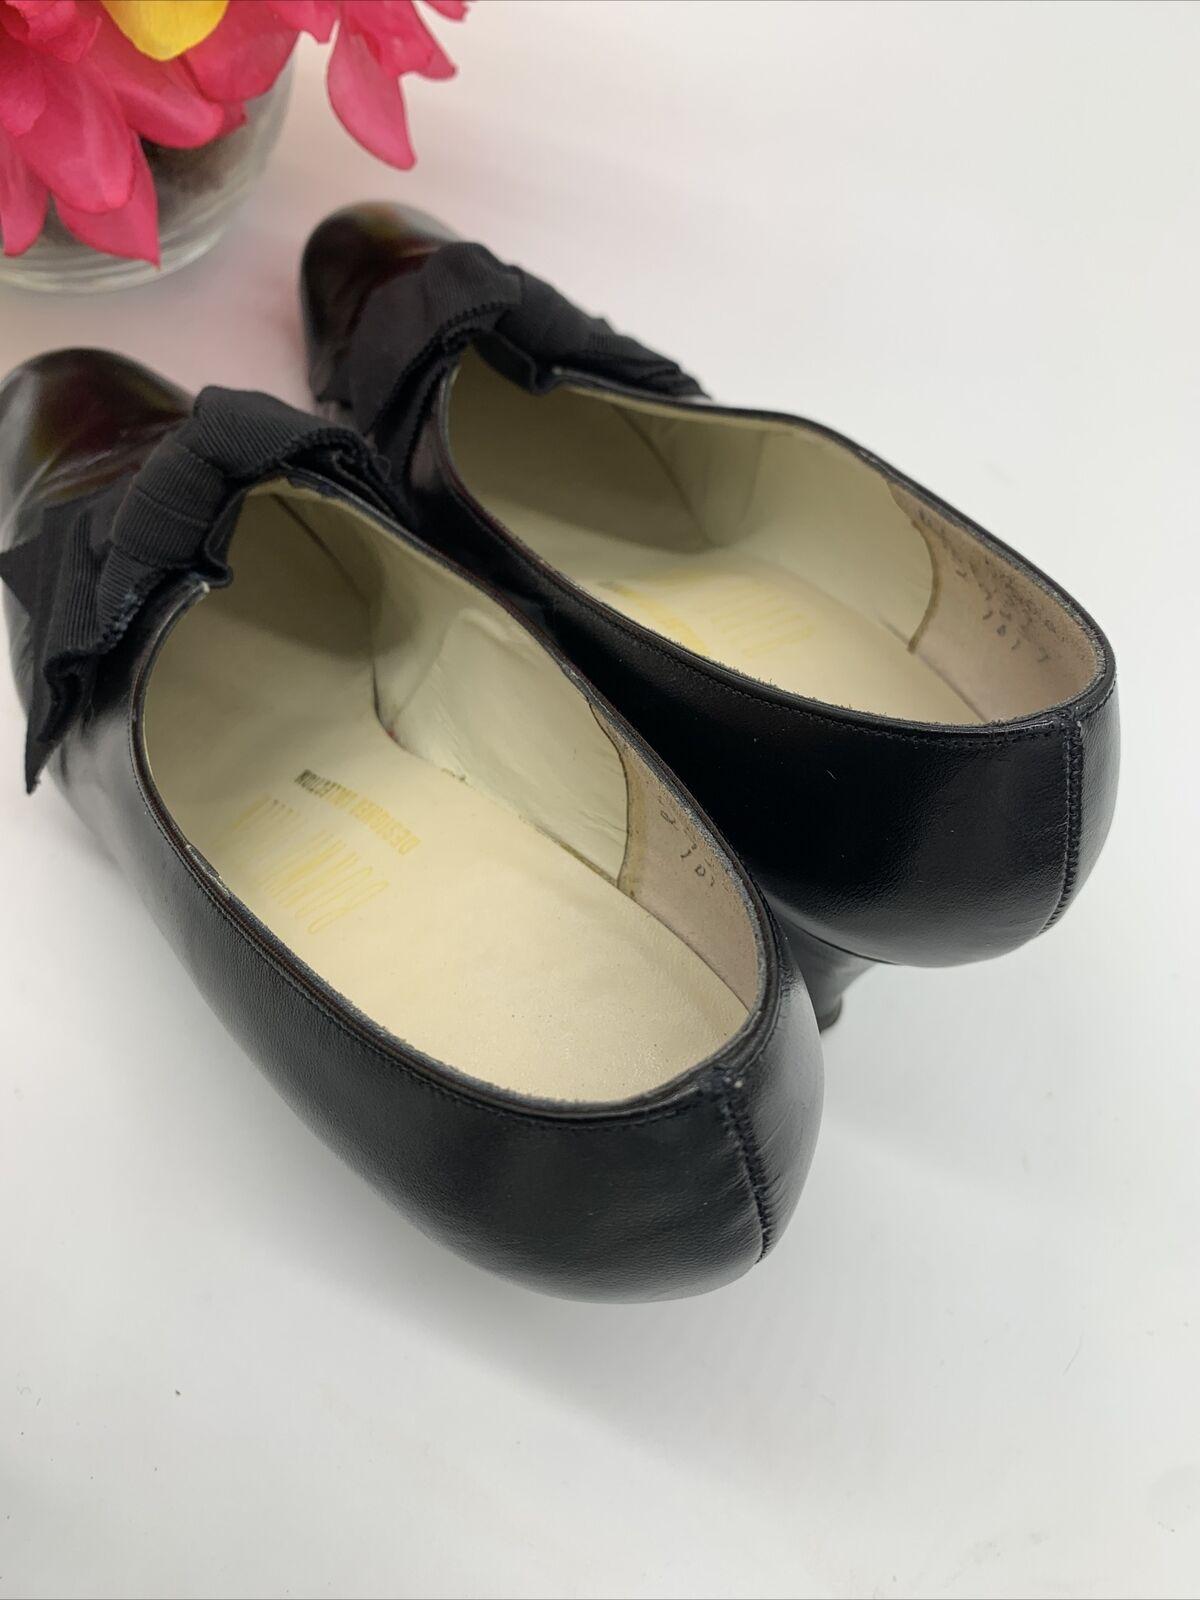 Antique Edwardian Bonwit Teller Black Leather Sho… - image 8